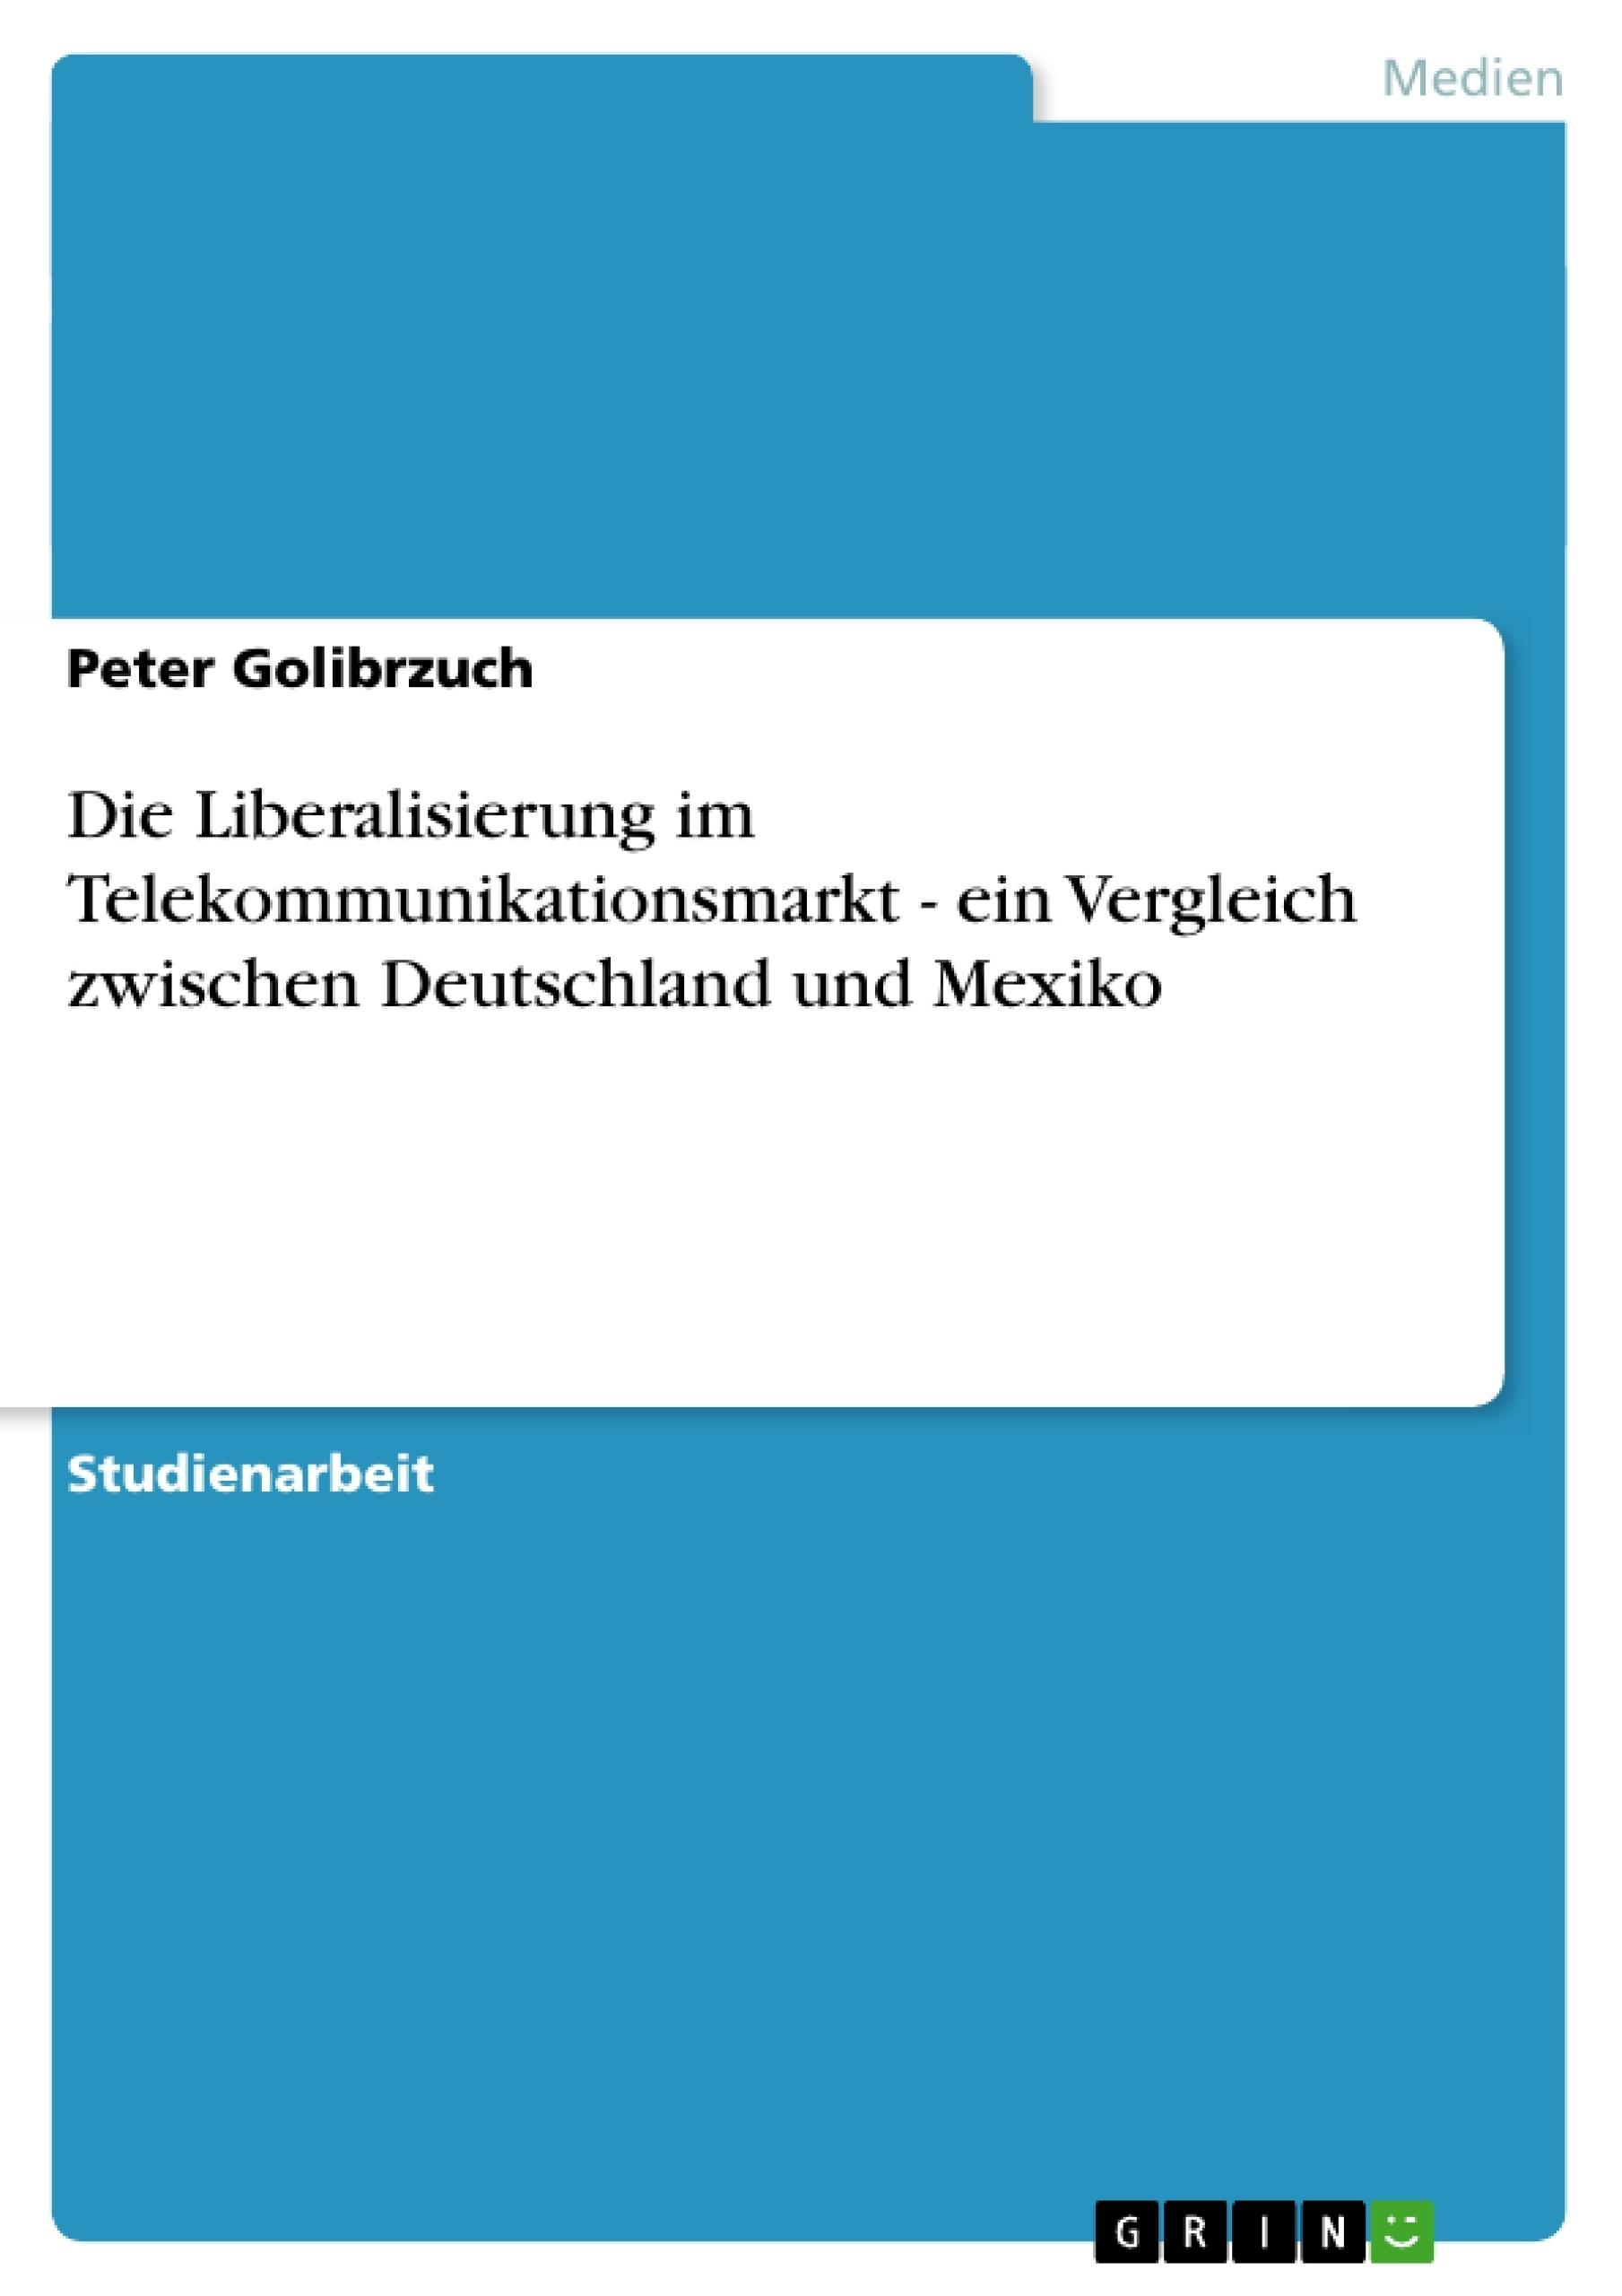 Titel: Die Liberalisierung im Telekommunikationsmarkt - ein Vergleich zwischen Deutschland und Mexiko